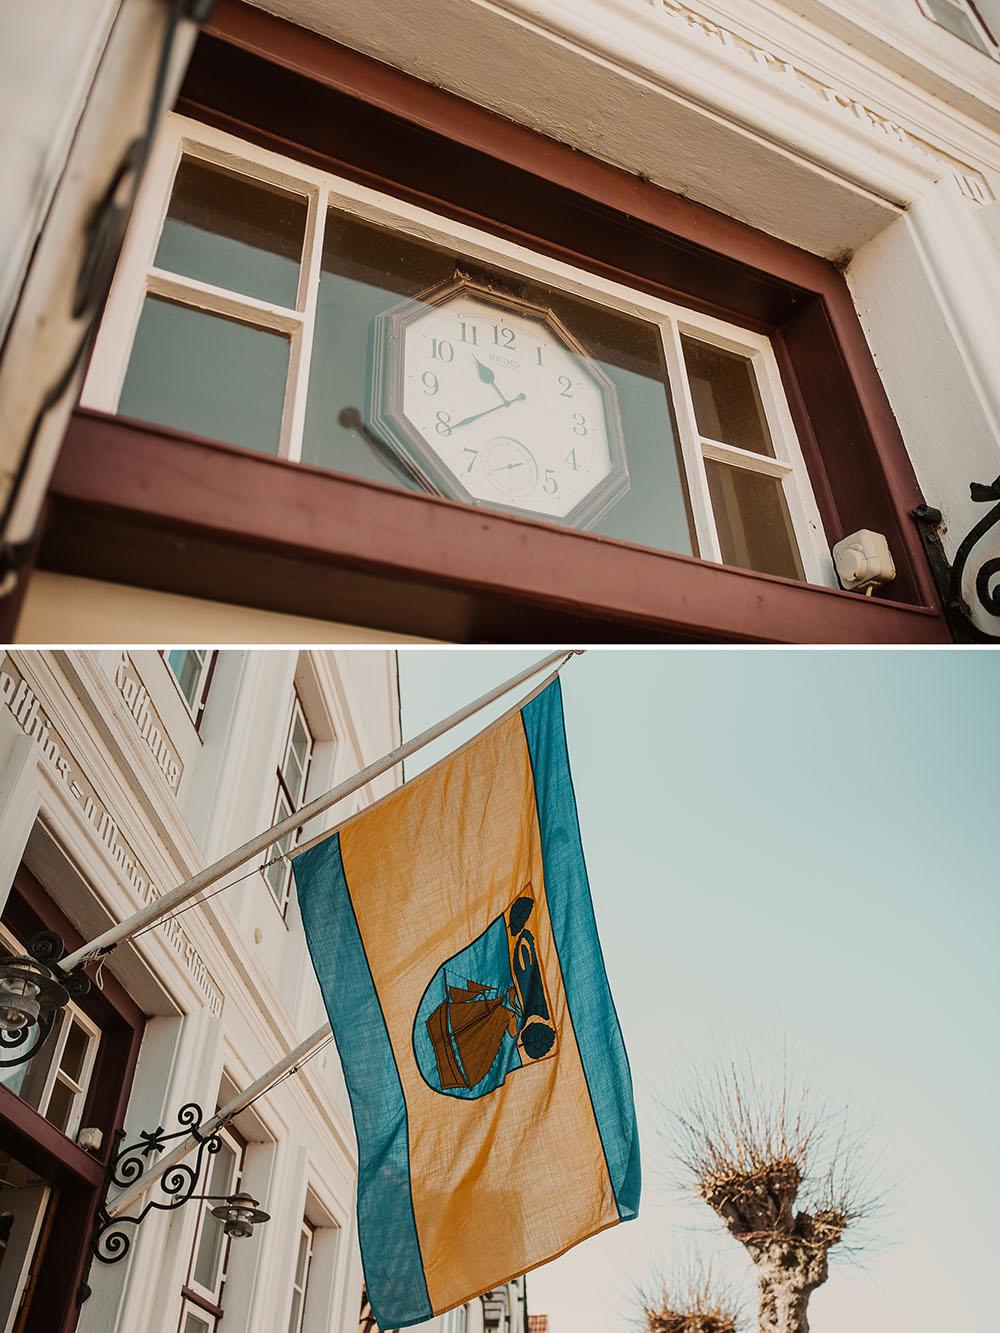 Fahne und Uhr im Eingang des Rathaus Arnis